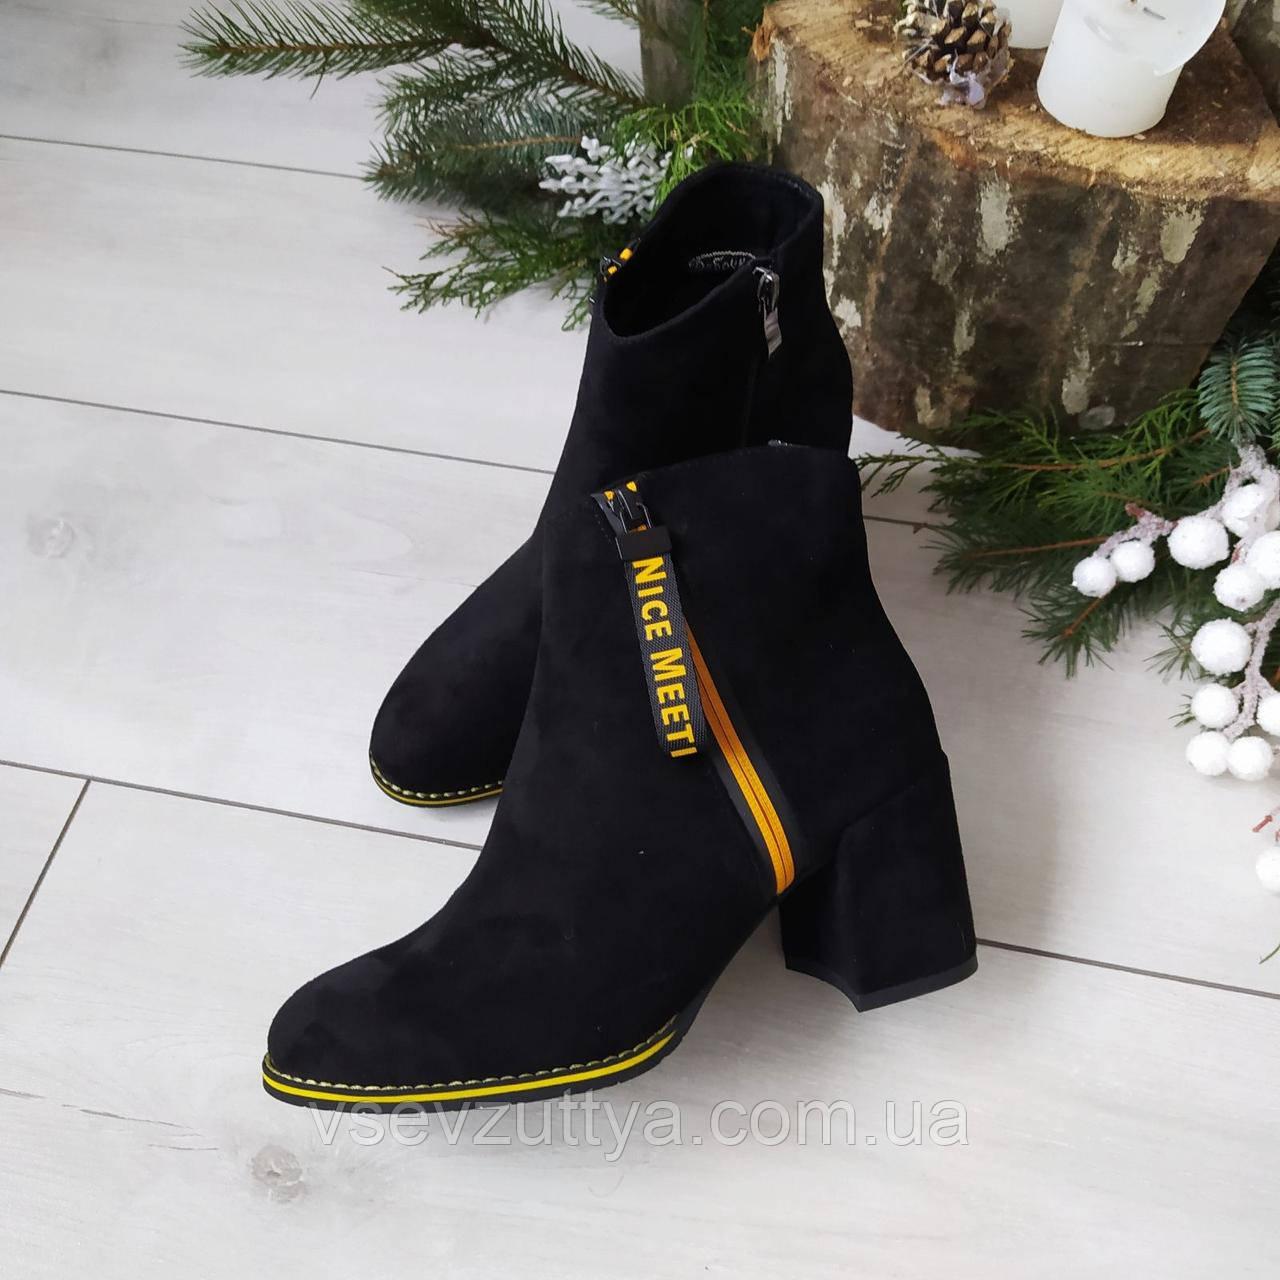 Ботинки женские демисезонные черные на каблуке экозамша